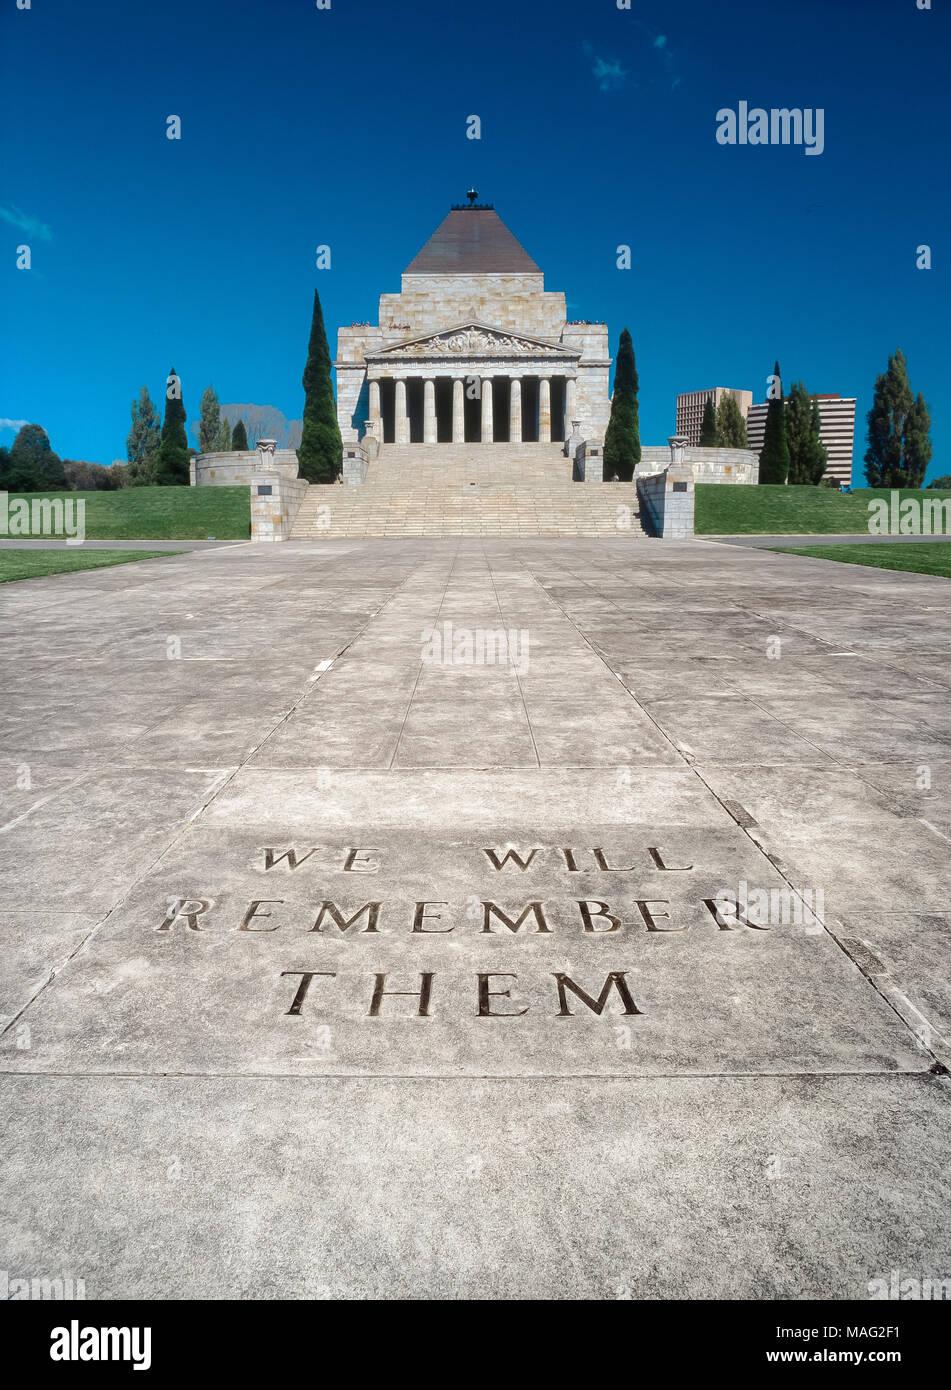 """Avenue de cérémonie, conduisant à de culte du souvenir, St Kilda Road, Melbourne, Victoria, Australie, montrant """"Nous nous souviendrons d'eux' inscription. Banque D'Images"""